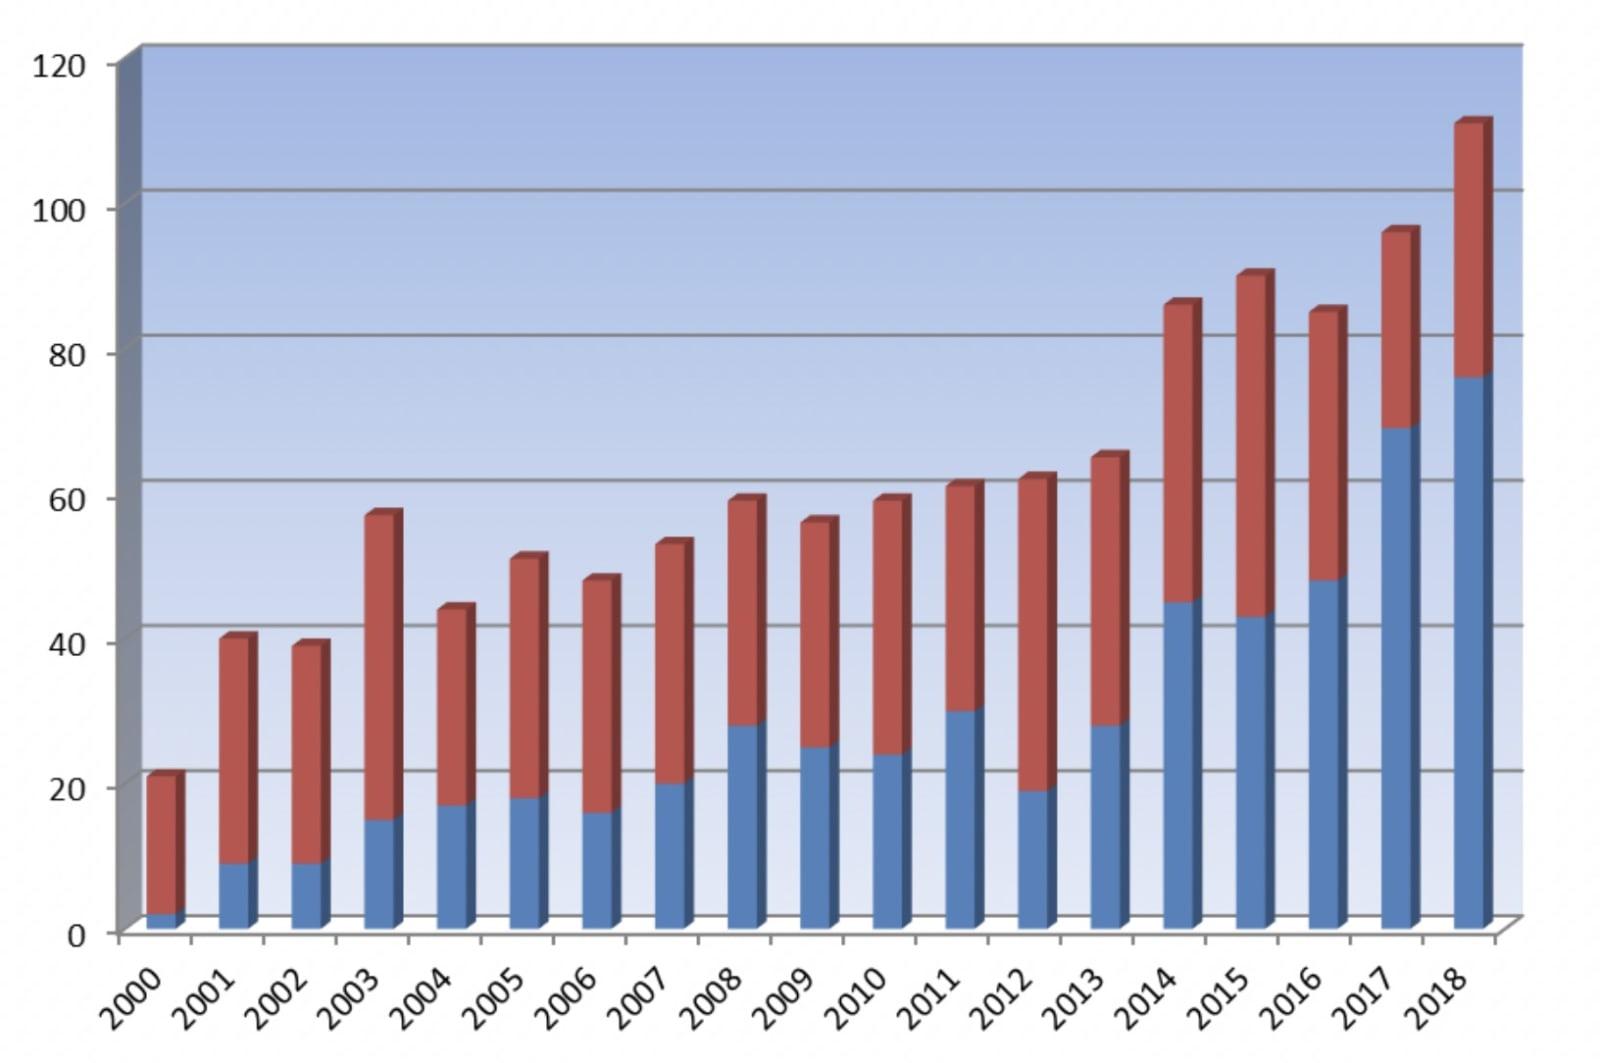 ulykkesstatistikk klatrevegger ute inne